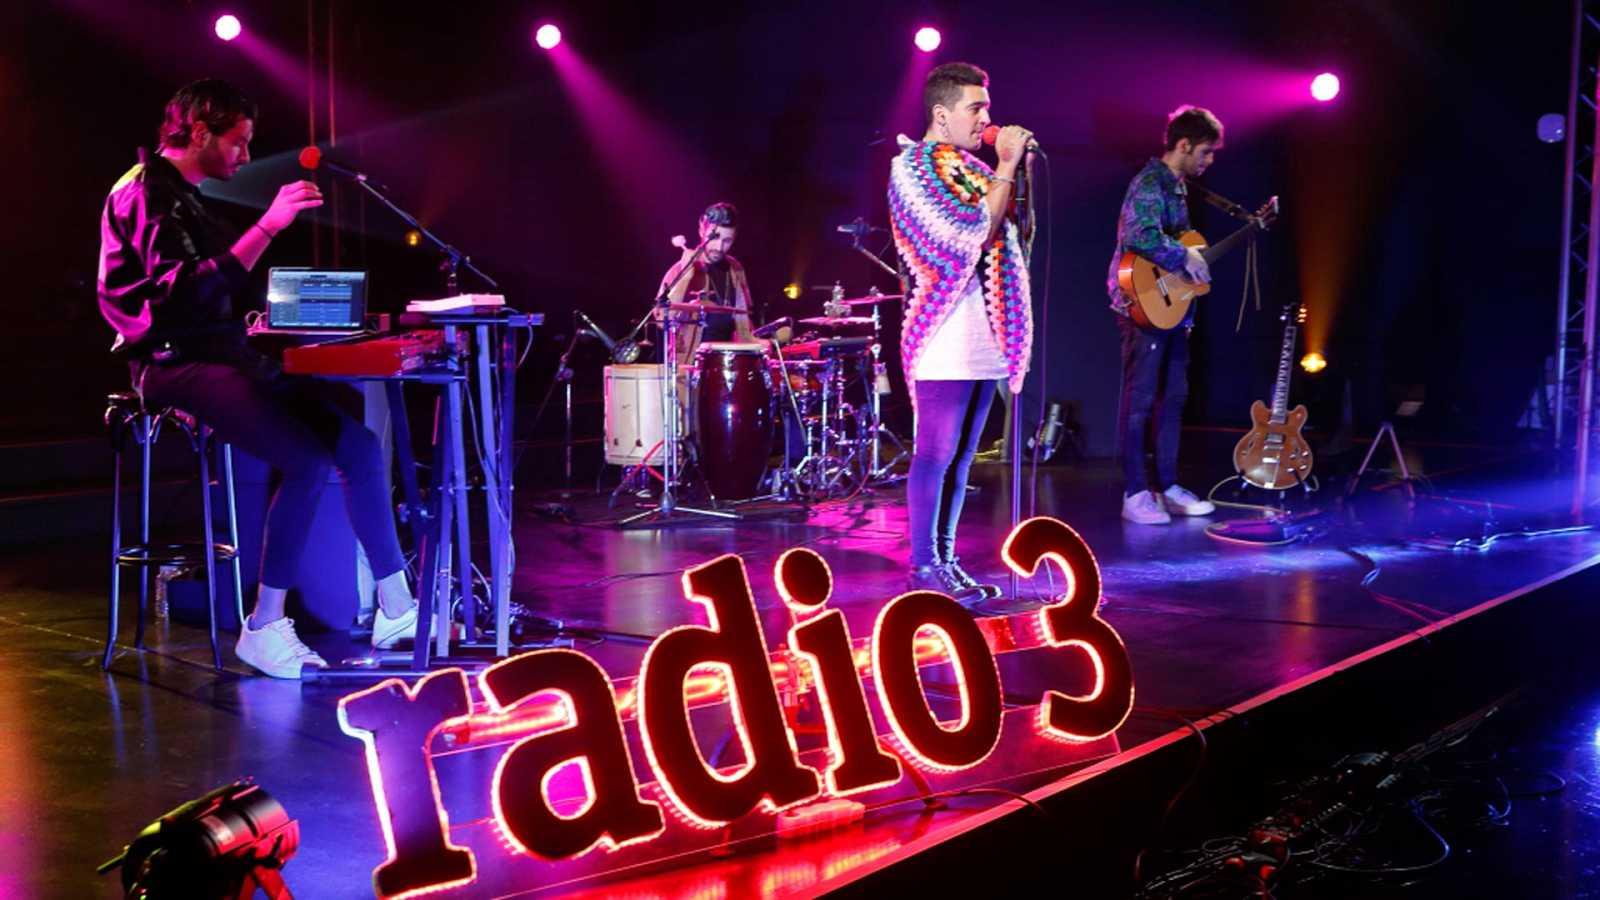 Los conciertos de Radio 3 - Muerdo - 25/03/21 - escuchar ahora